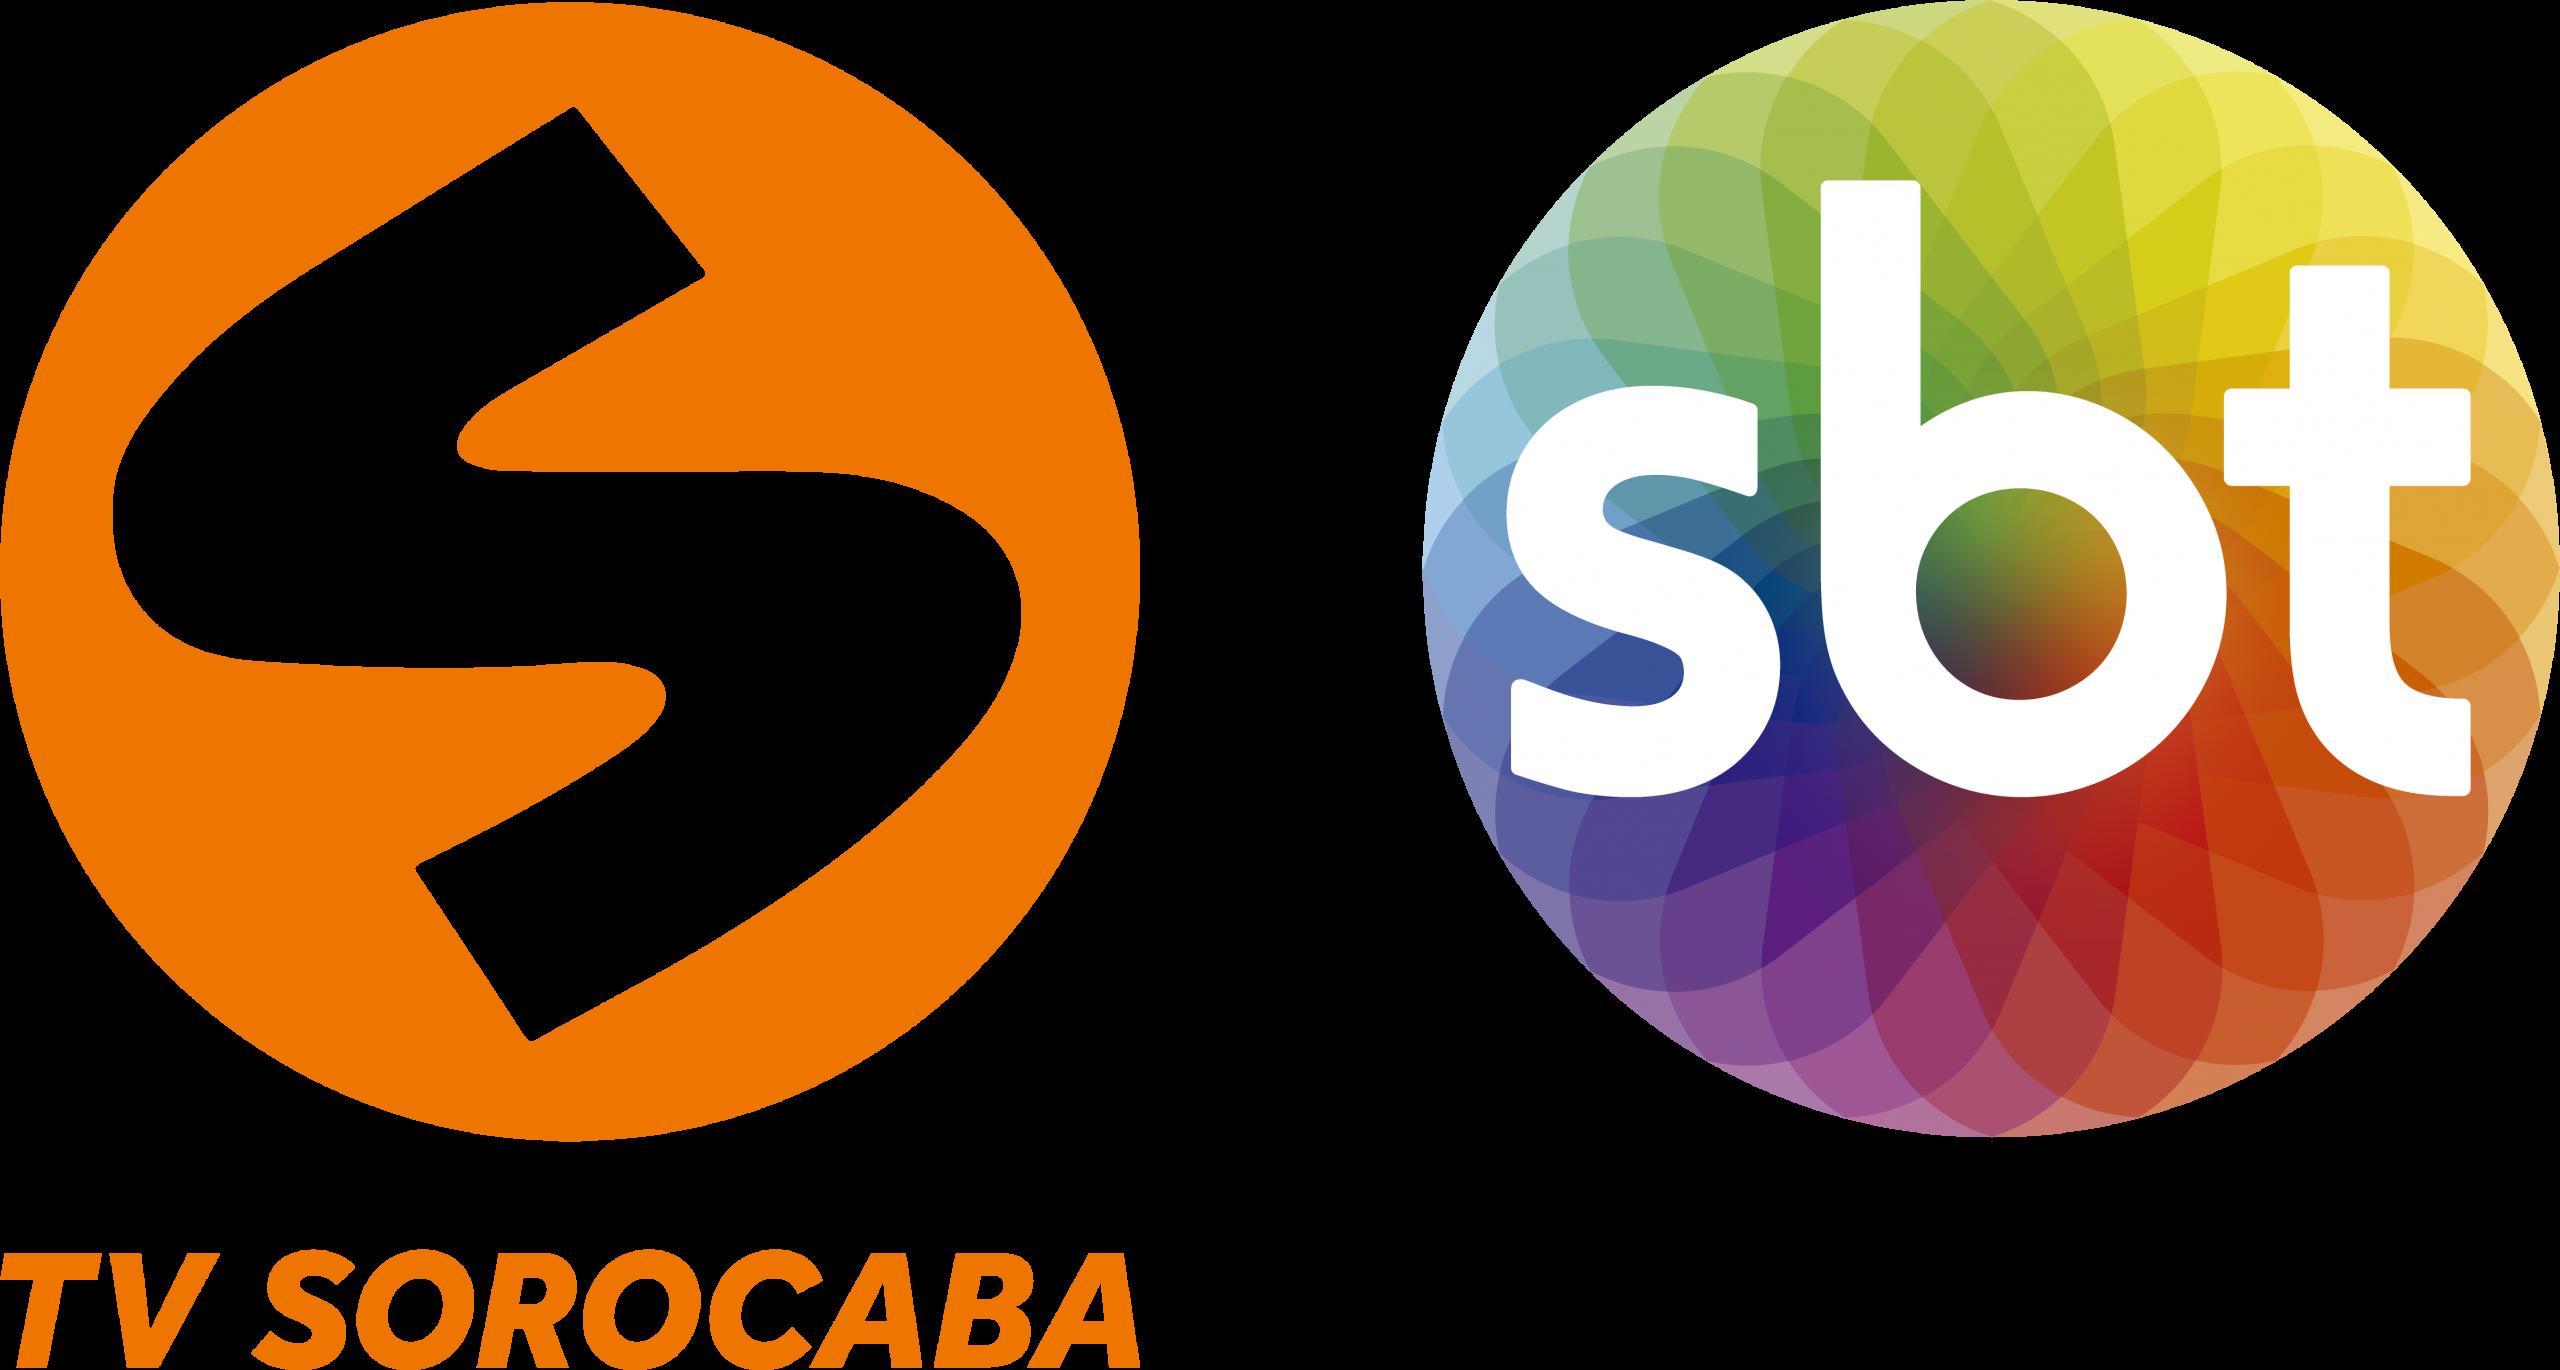 LOGO-TV-SOROCABA-E-SBT-ALTA